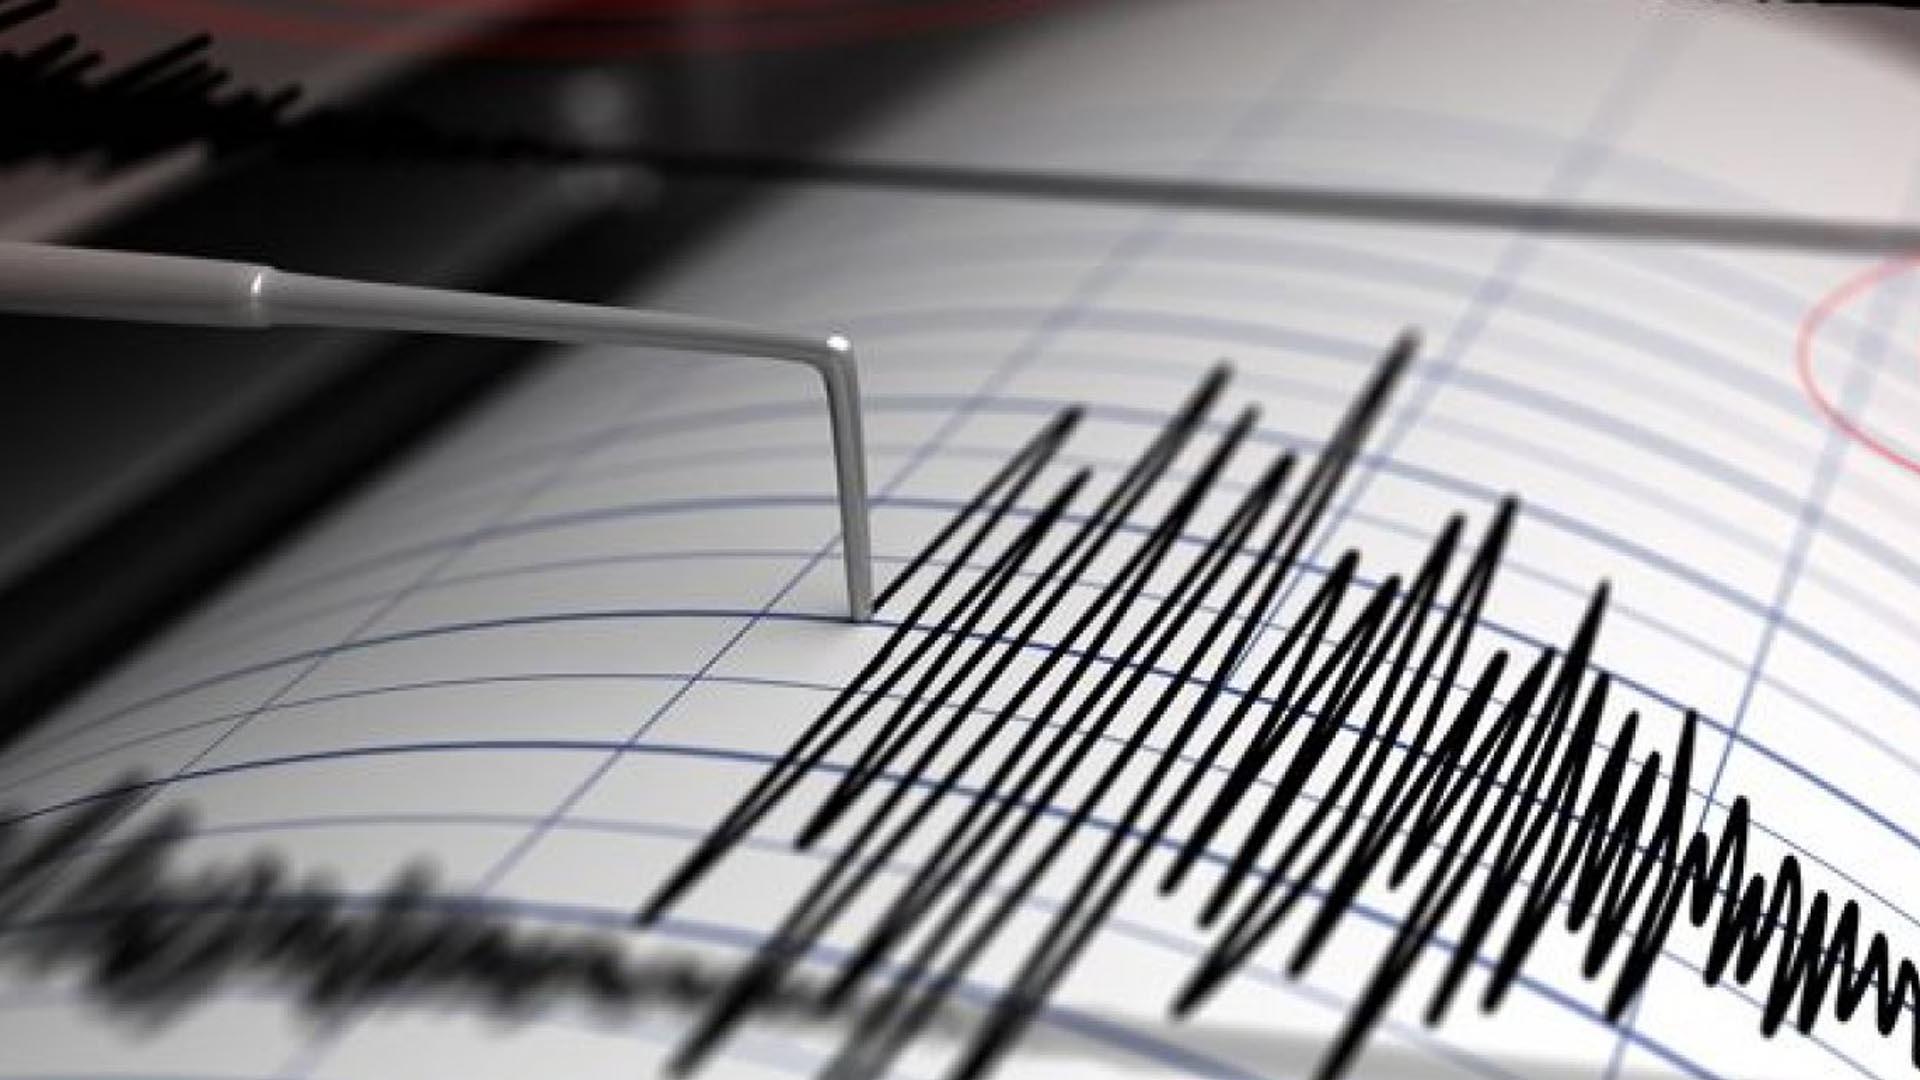 Es importante mantener la calma y resguardarse en un lugar seguro ante un movimiento sísmico